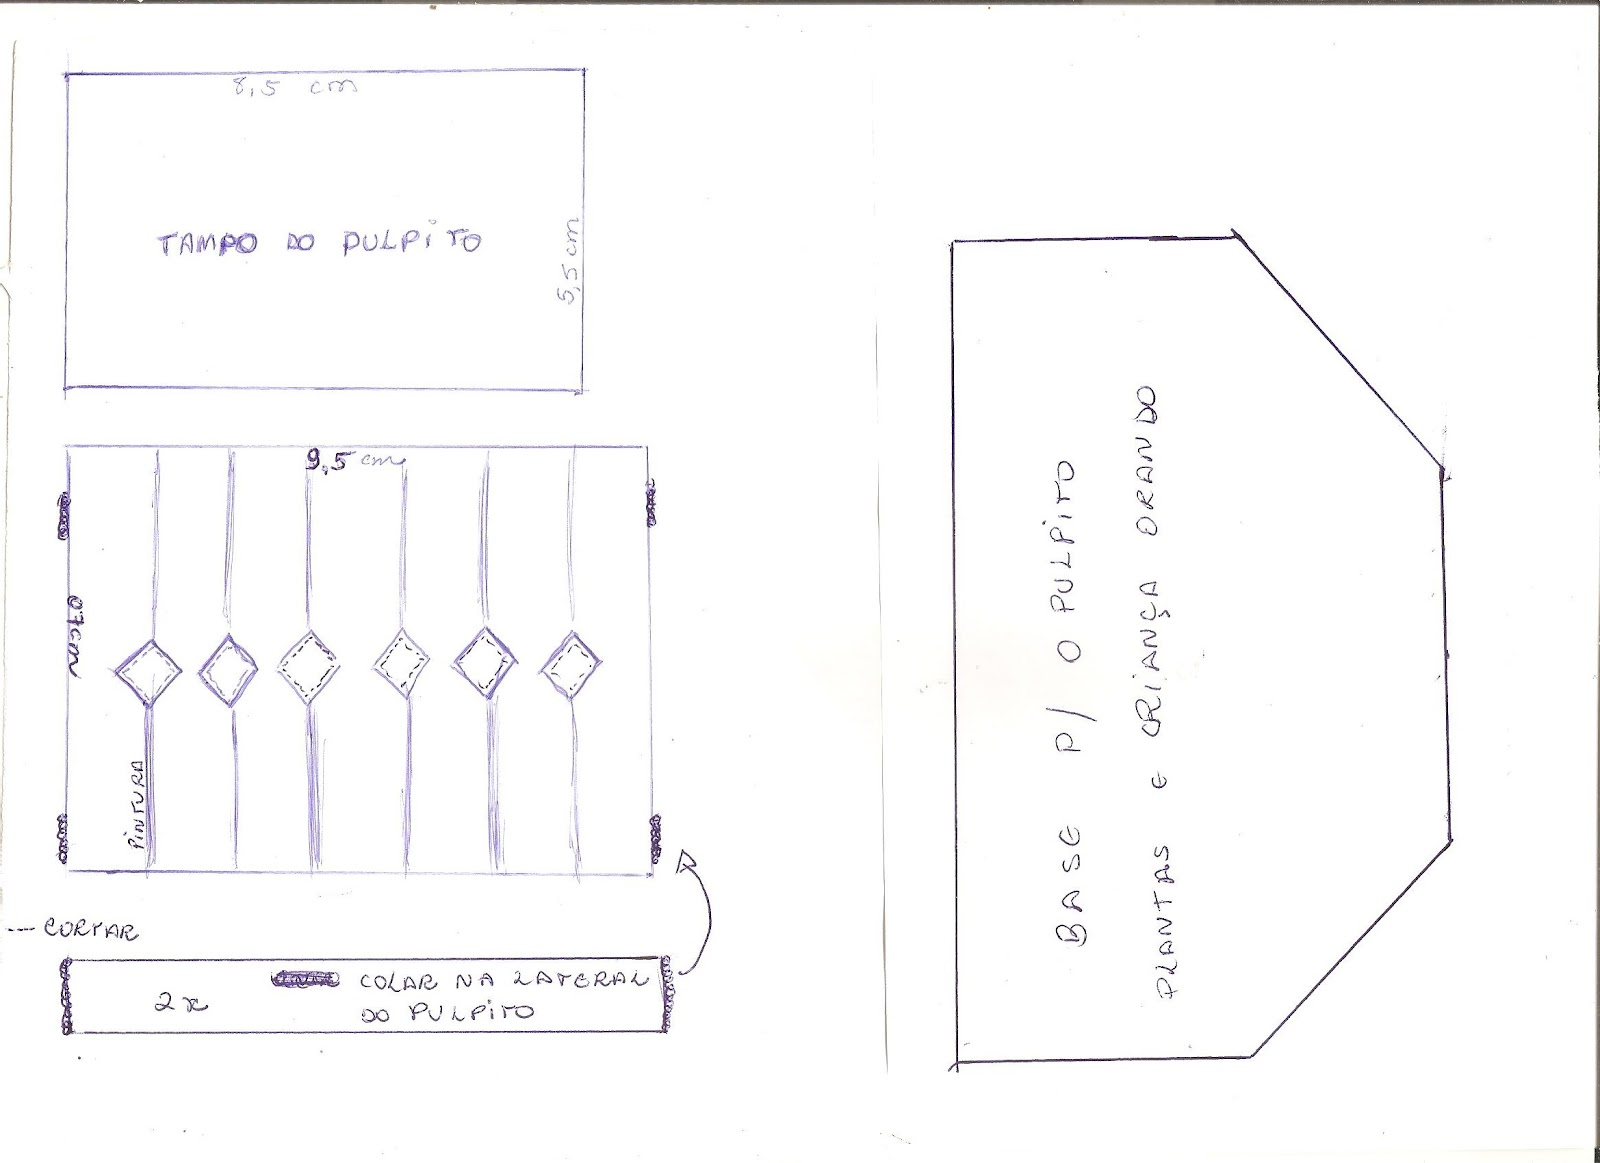 AM ARTES: Molde do pulpito #5F4F73 1600x1163